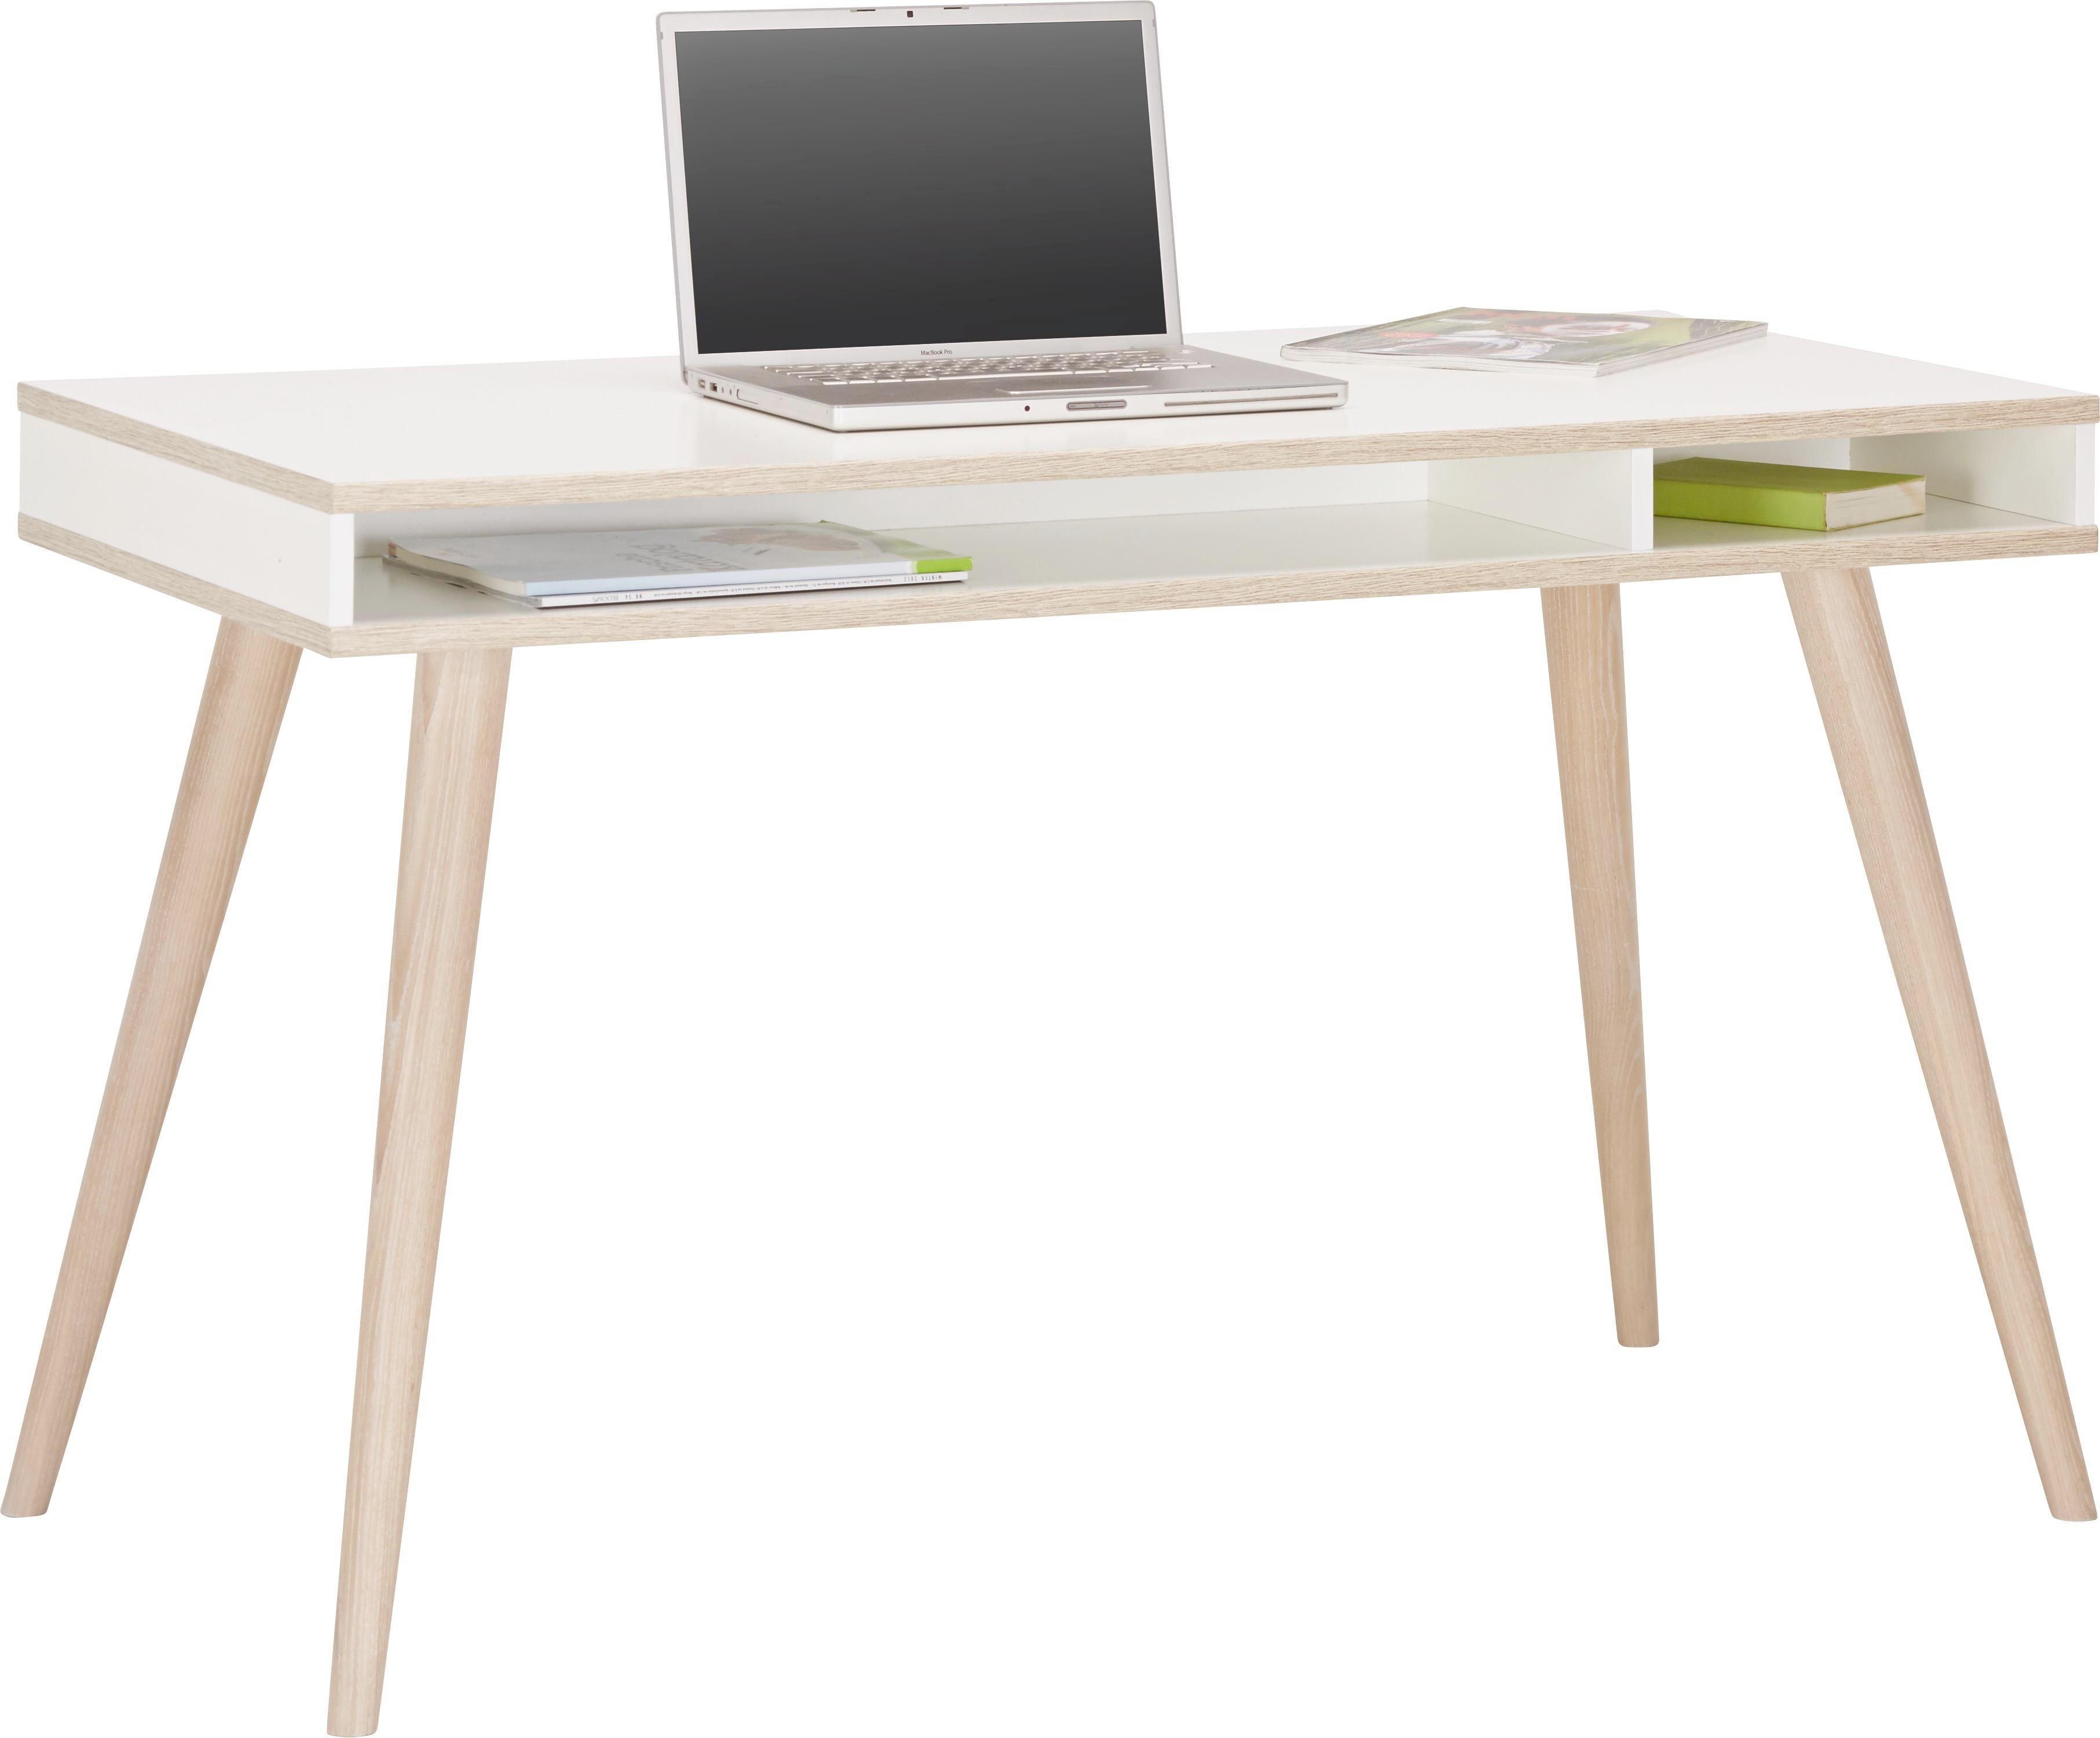 Schreibtisch holz weiß  Schreibtisch in Weiß aus Holz online kaufen ➤ mömax